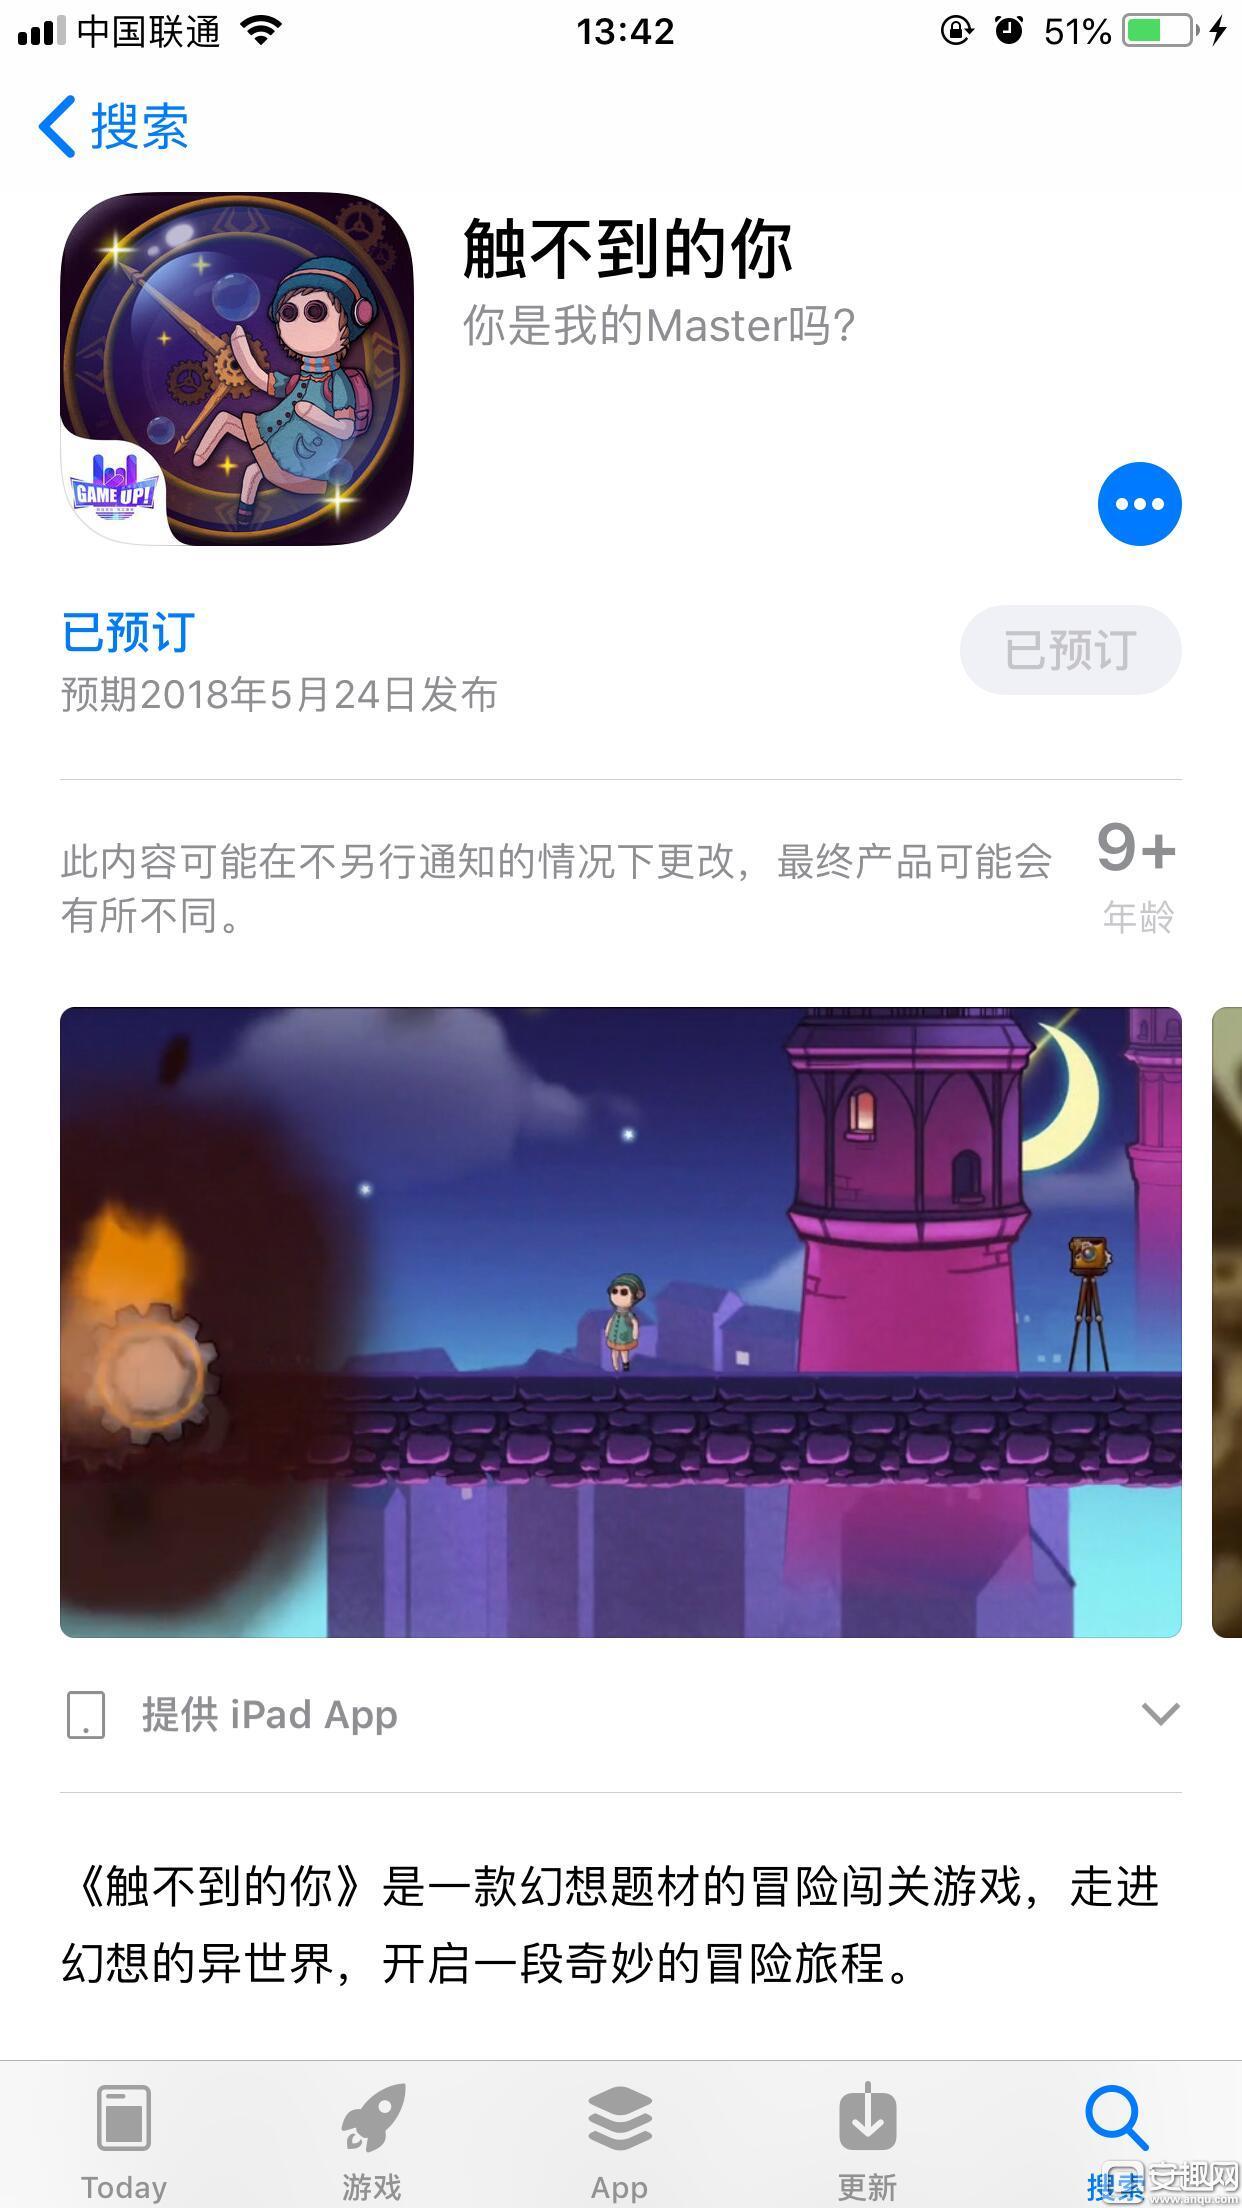 图2_《触不到的你》开启App Store预约.jpg